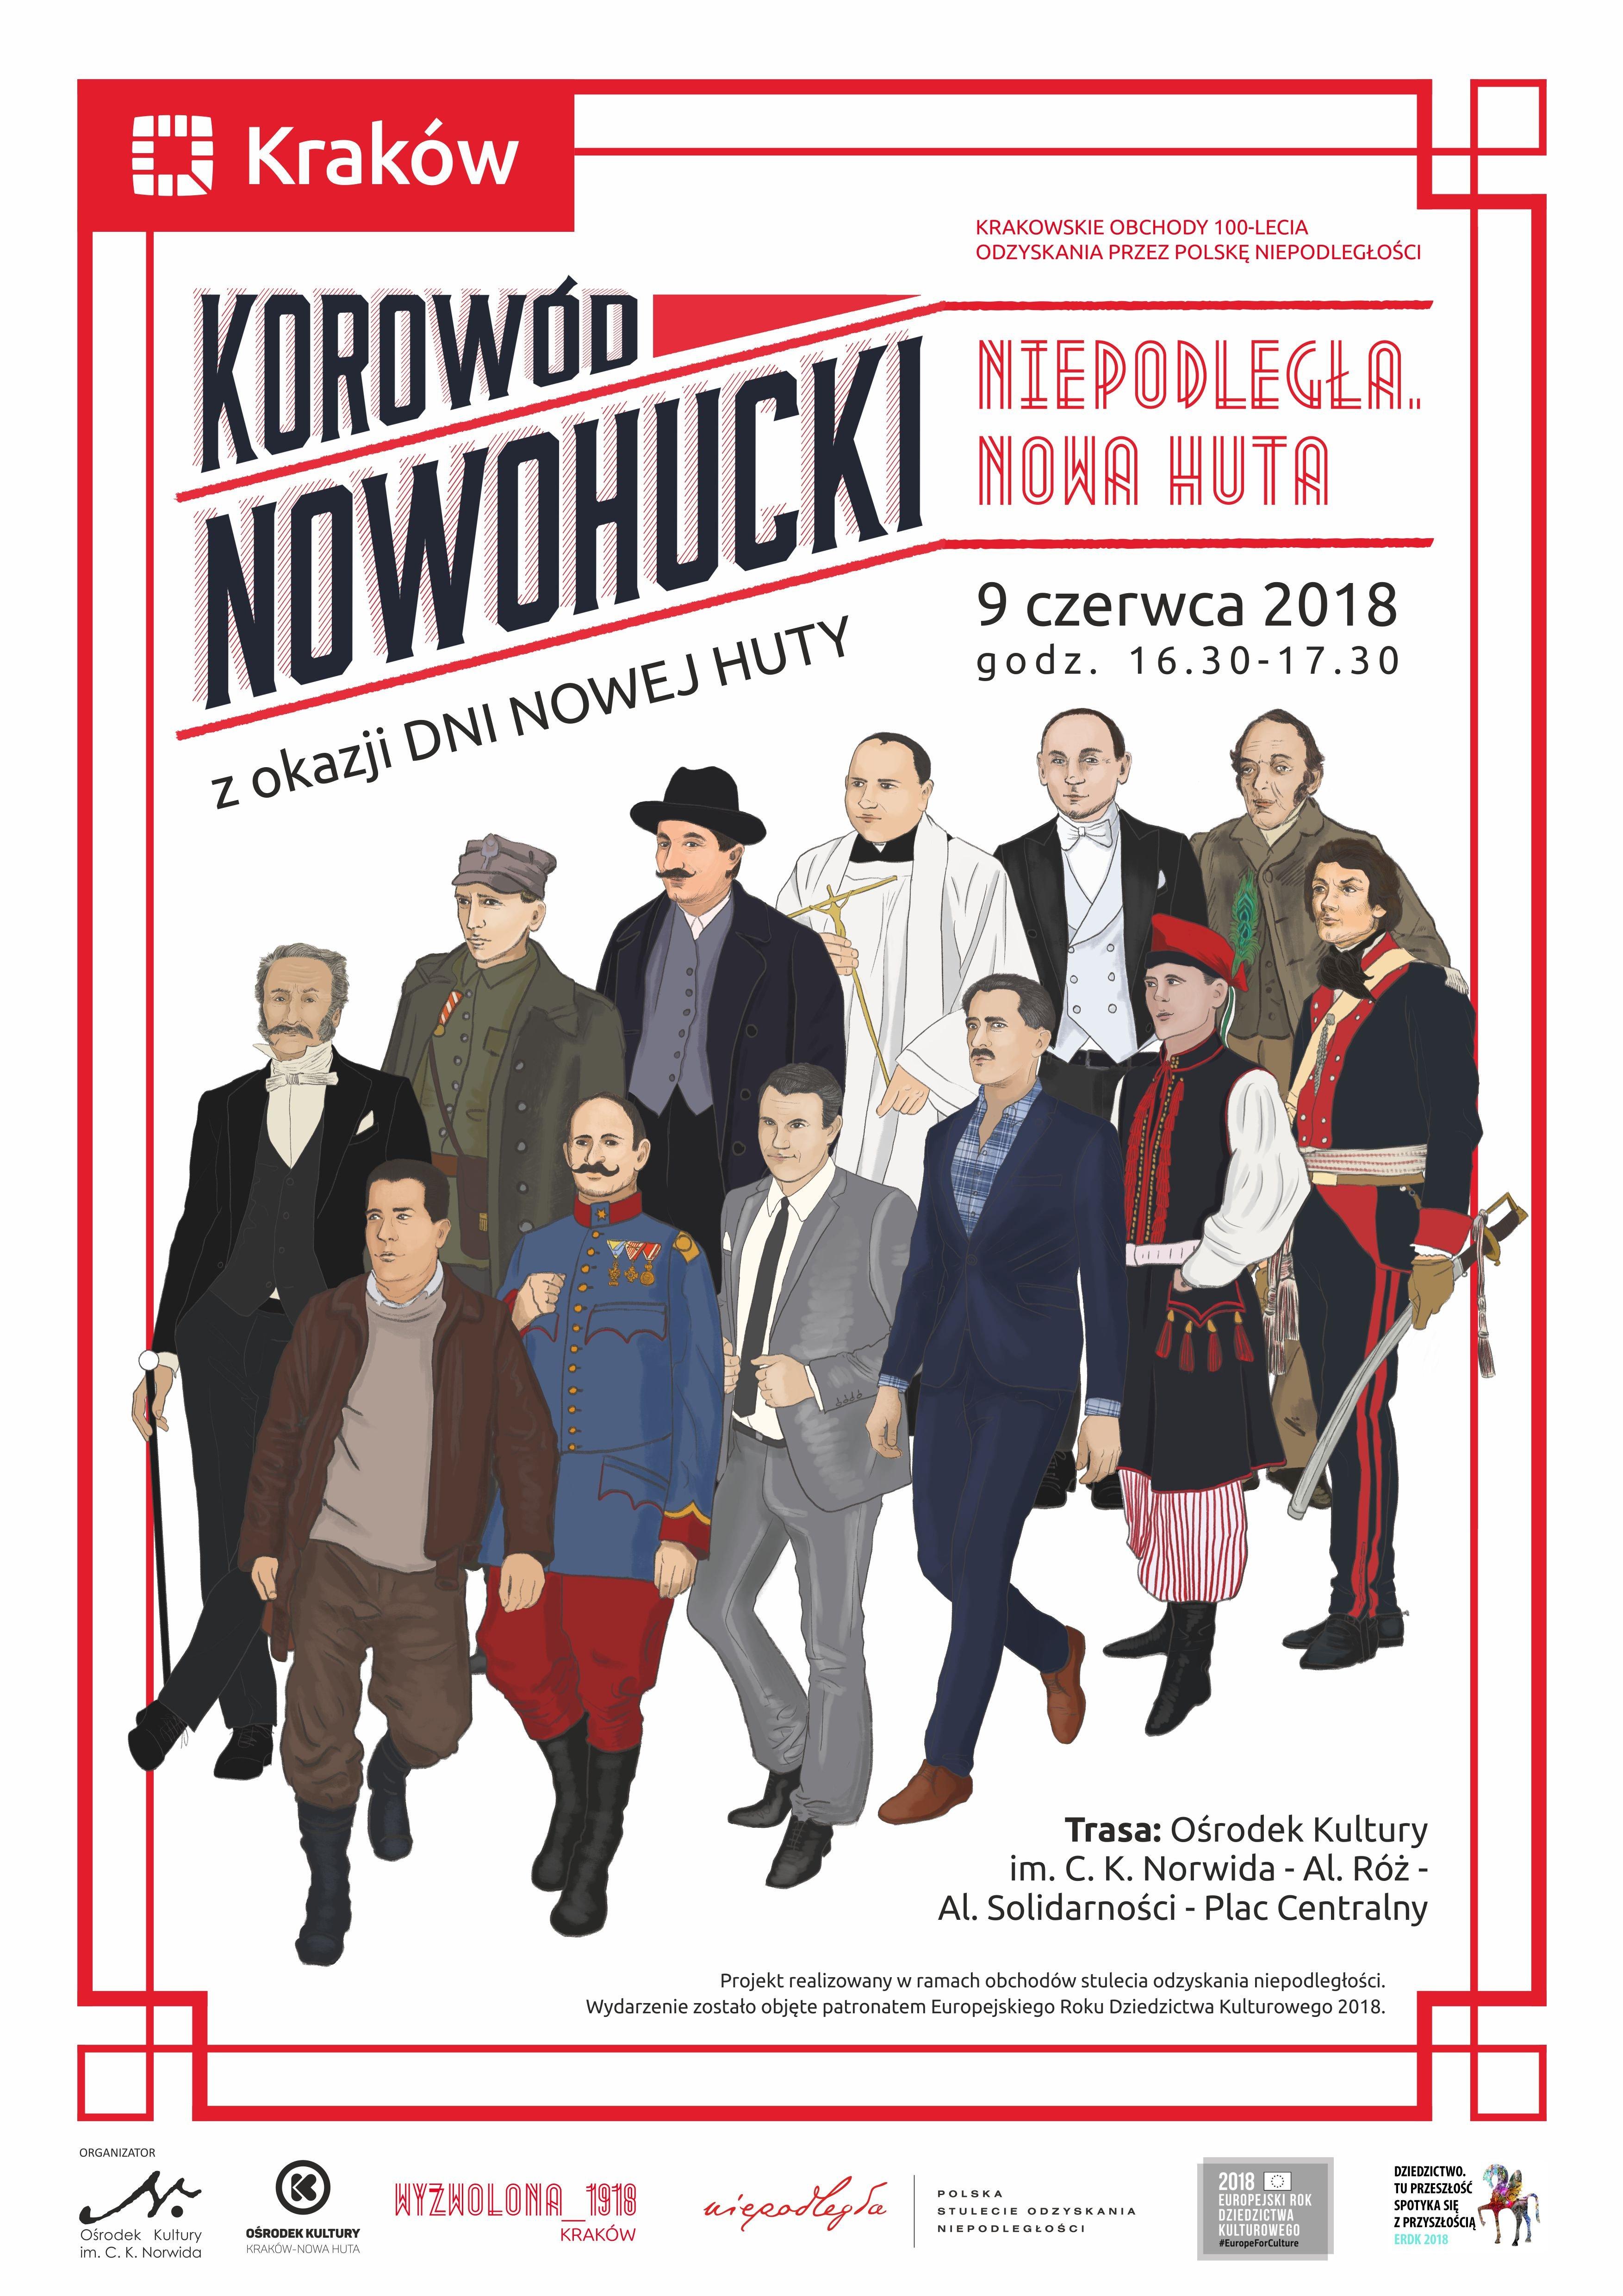 Korowód Nowohucki z okazji Dni Nowej Huty i 100-lecia niepodległości